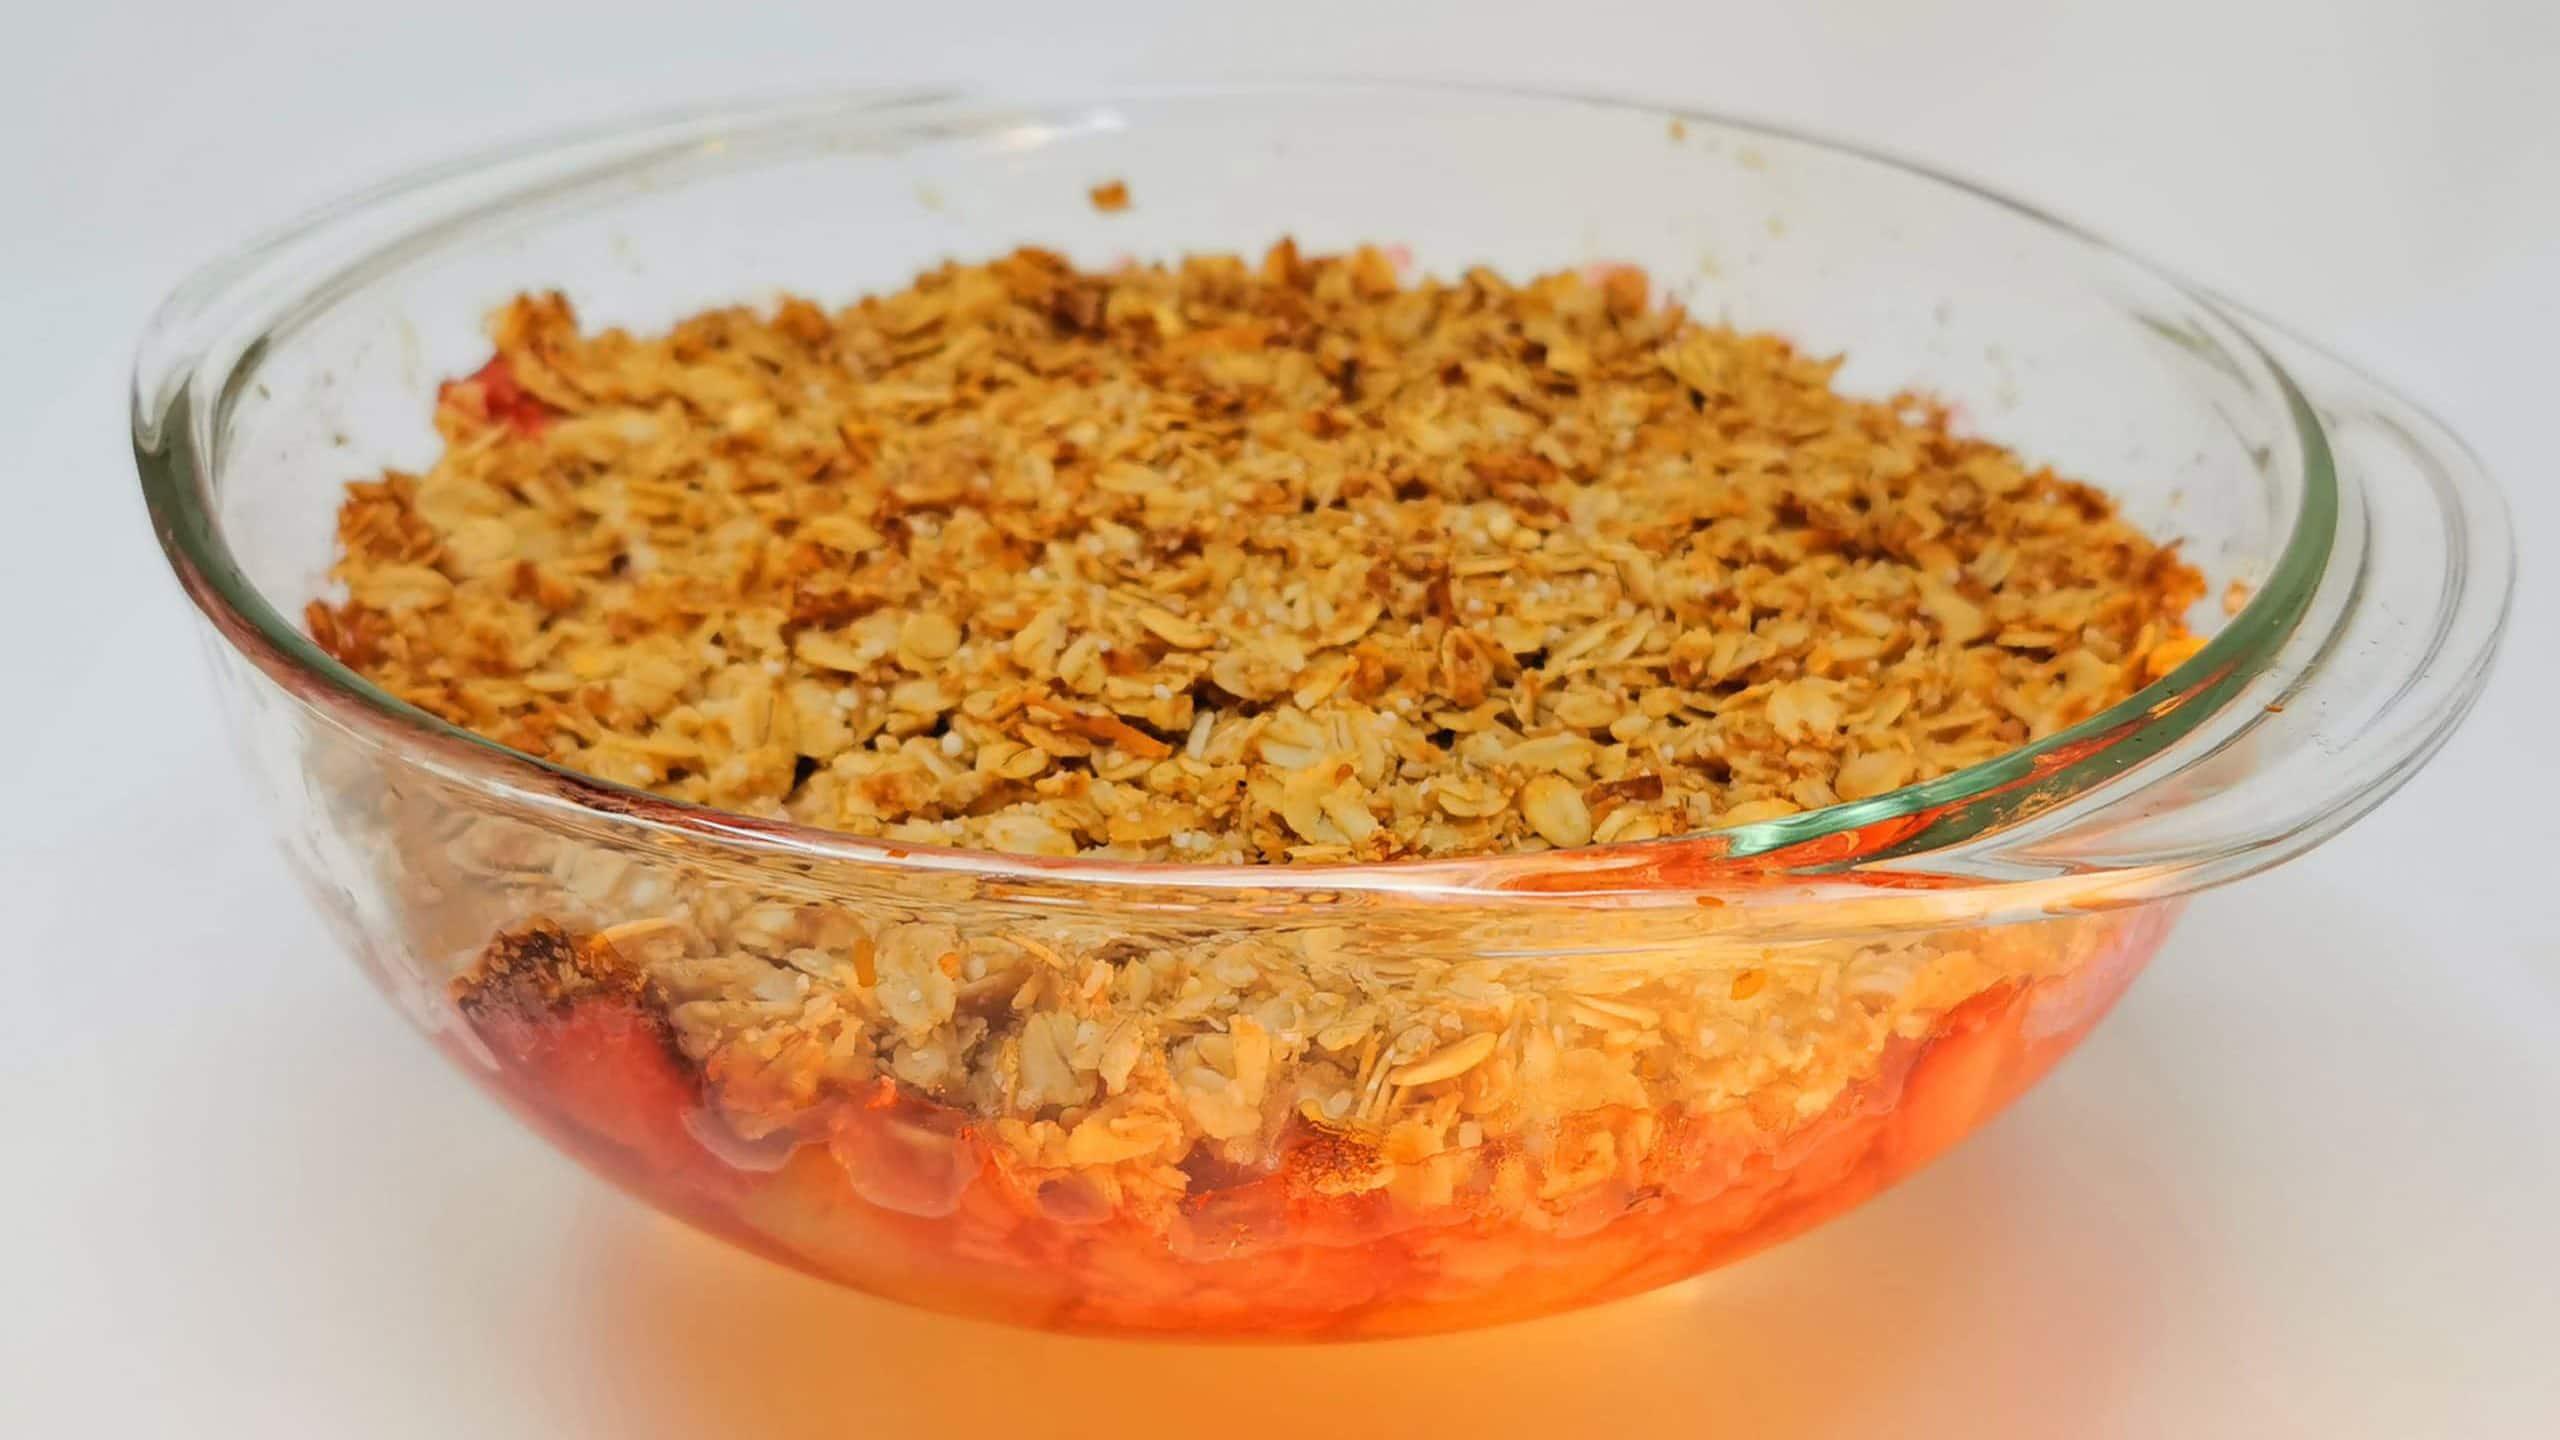 Strawberry Rhubarb2